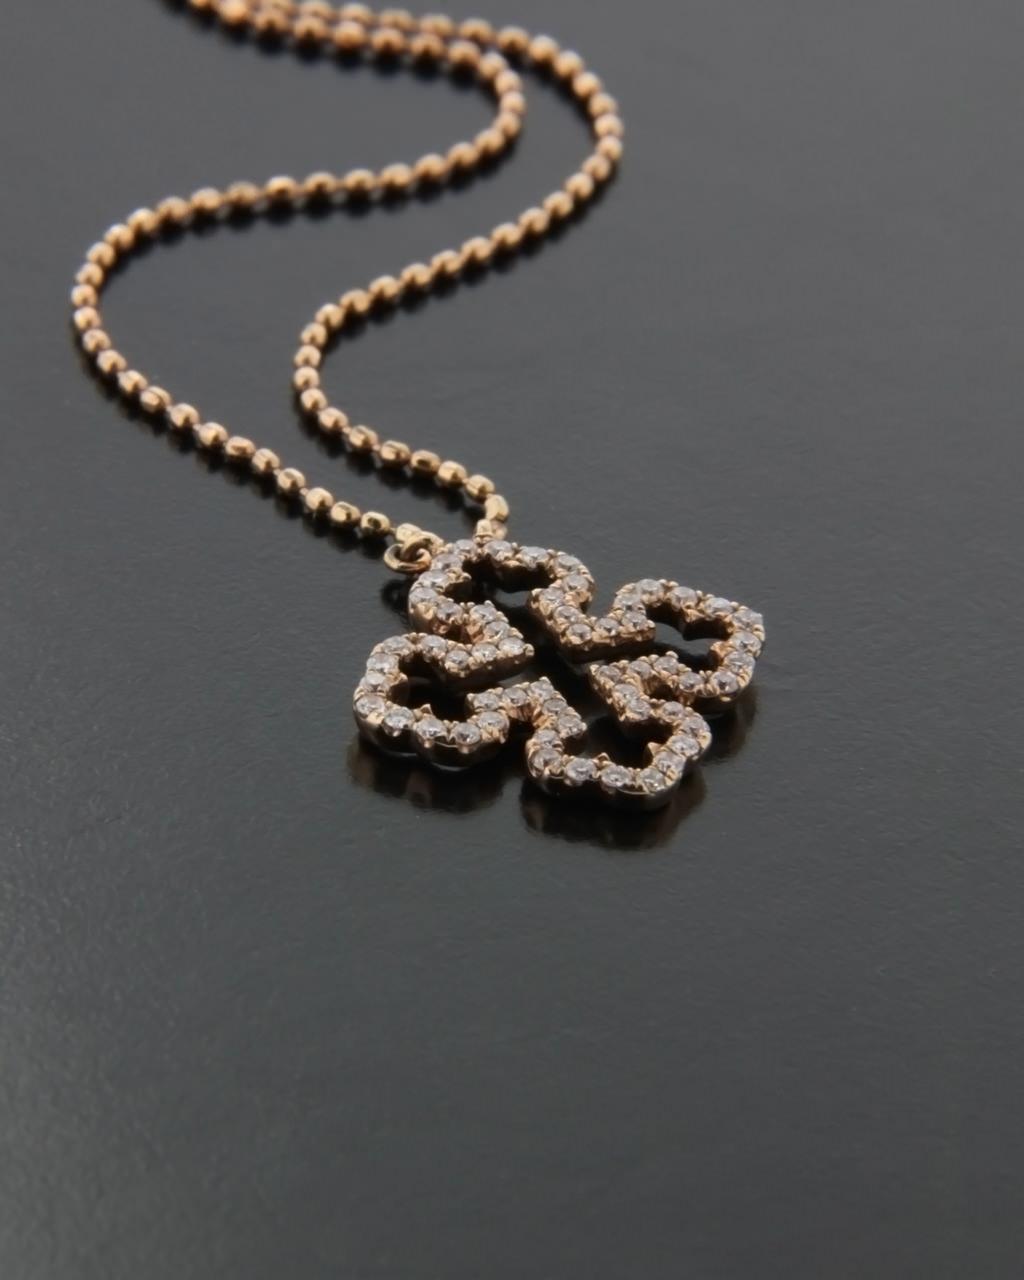 Κολιέ σταυρός ροζ χρυσό Κ18 με Διαμάντια   κοσμηματα σταυροί με αλυσίδα